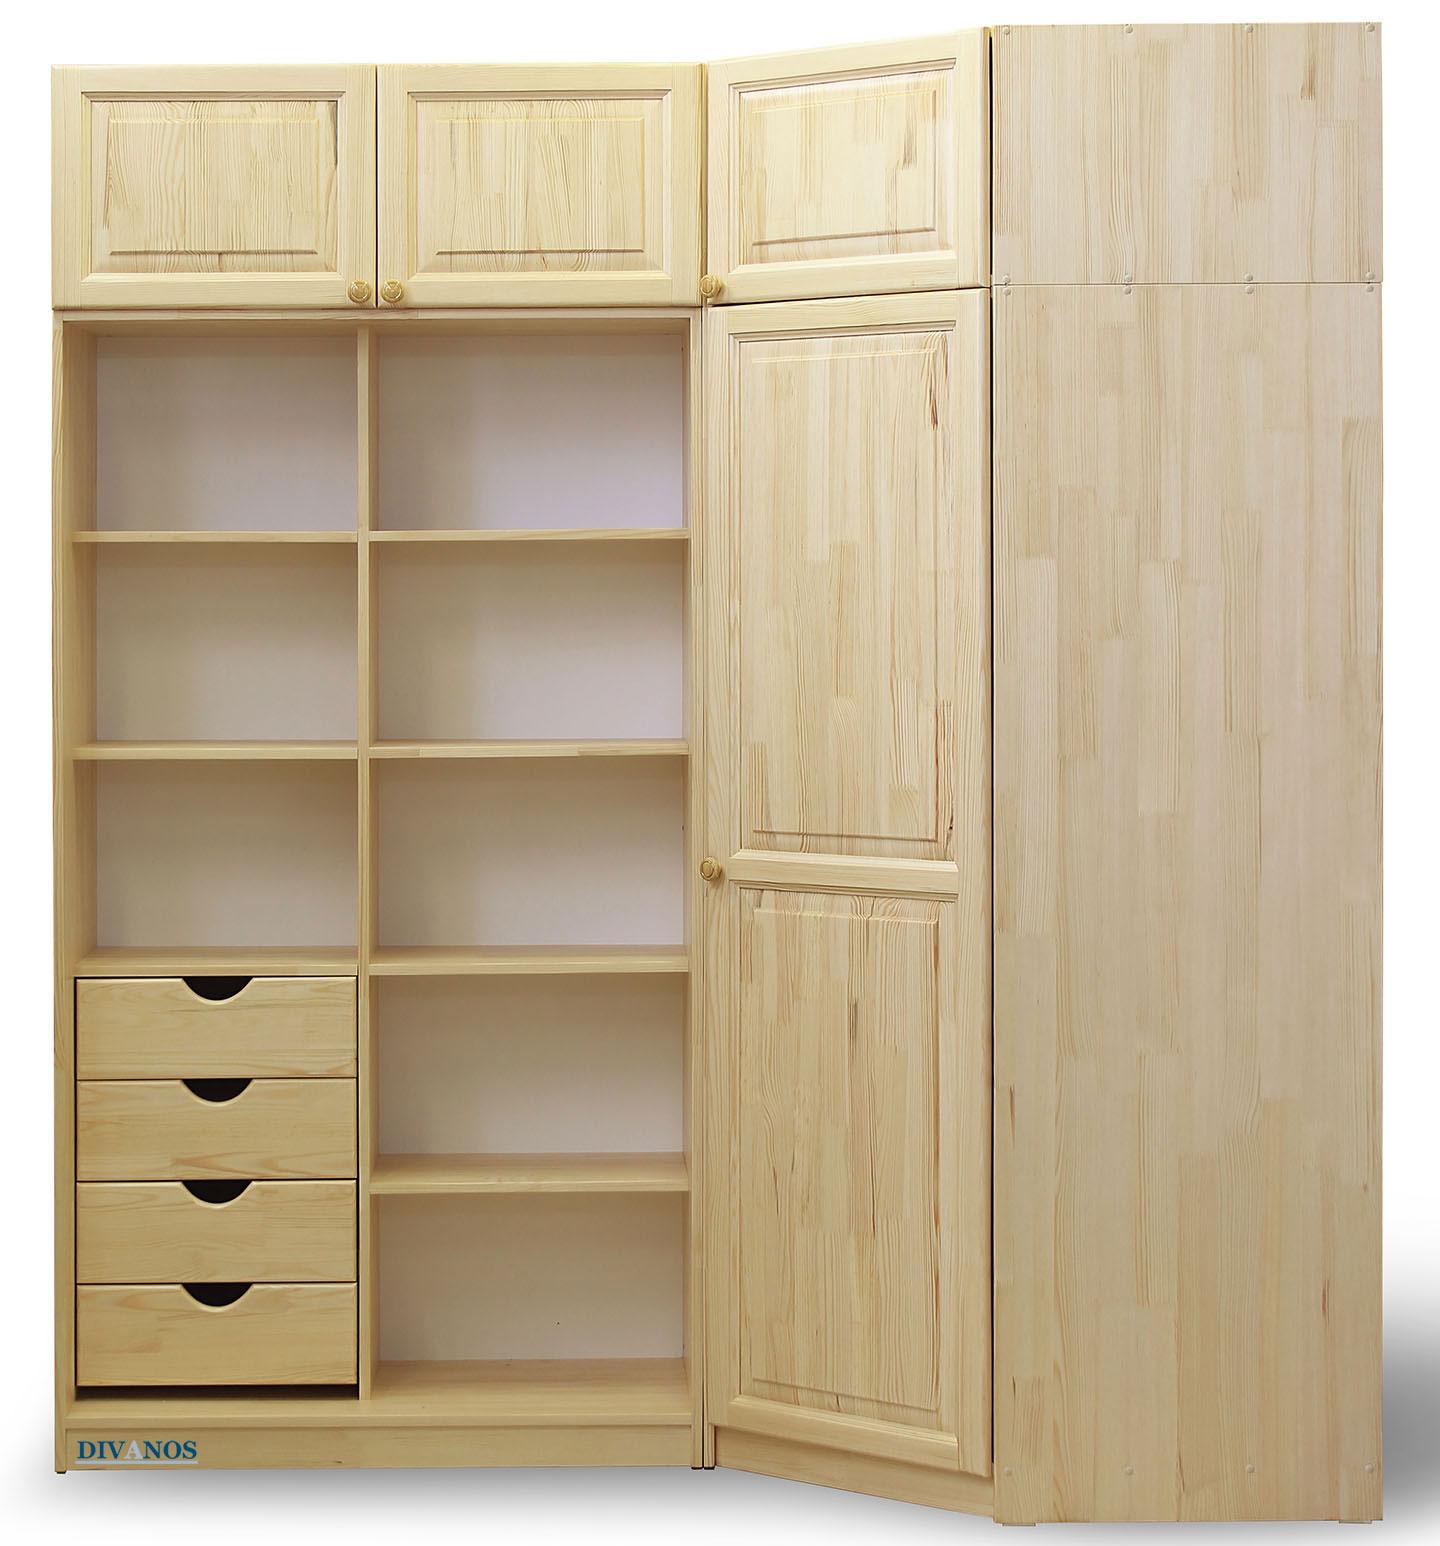 Что мы знаем о шкафах-купе? преимущества и недостатки этой мебели.